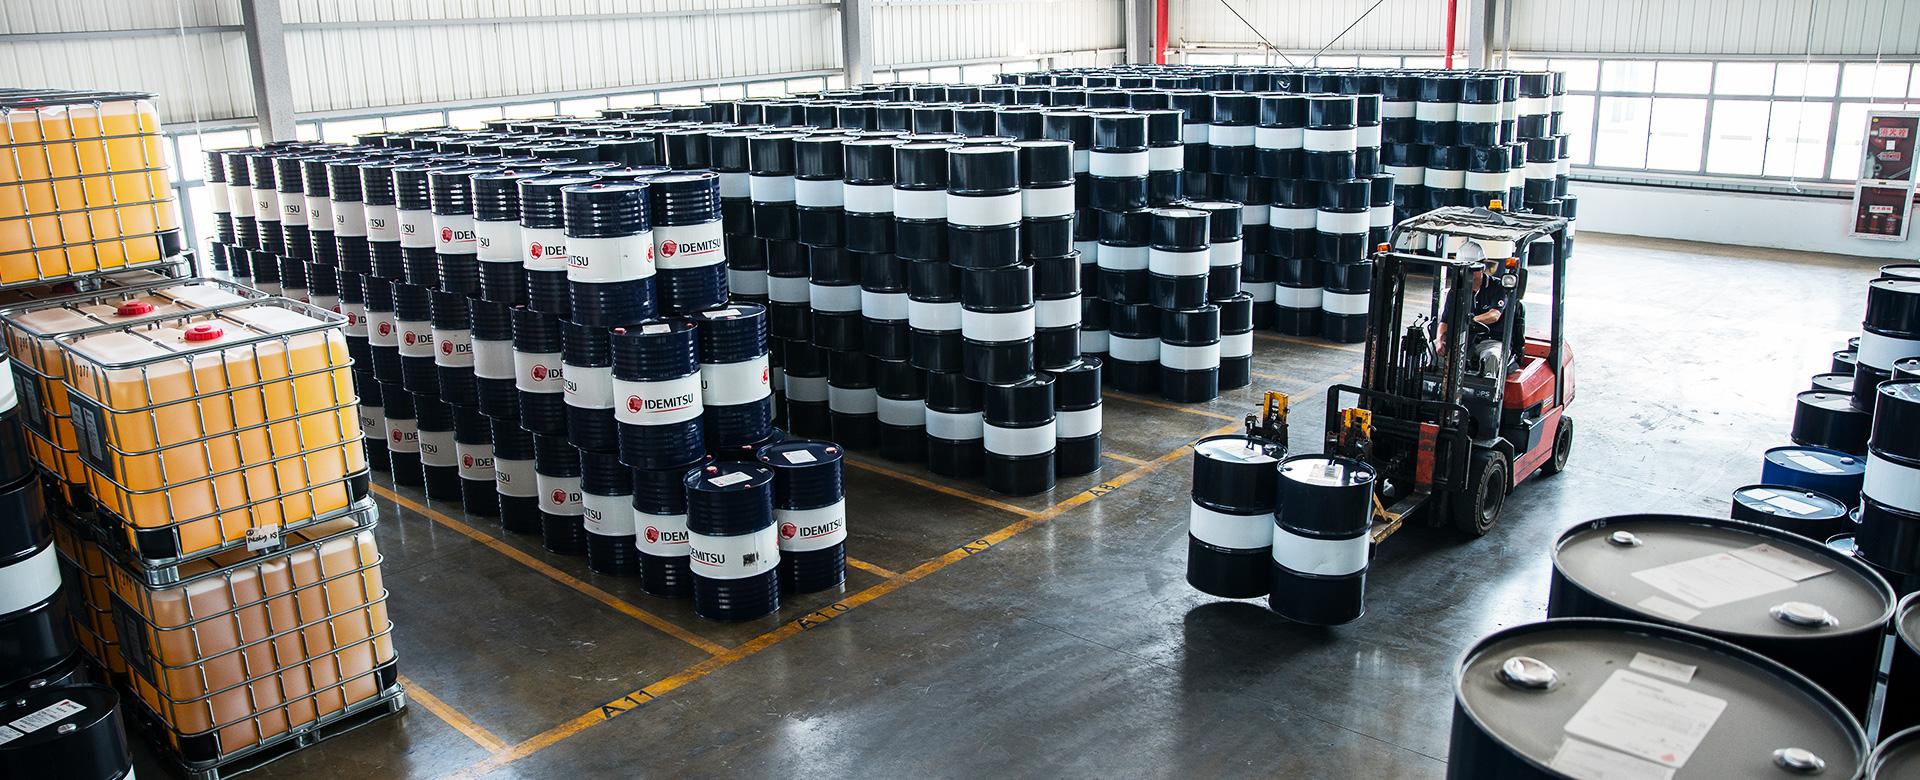 出光潤滑油_淬火油使用和維護的注意事項